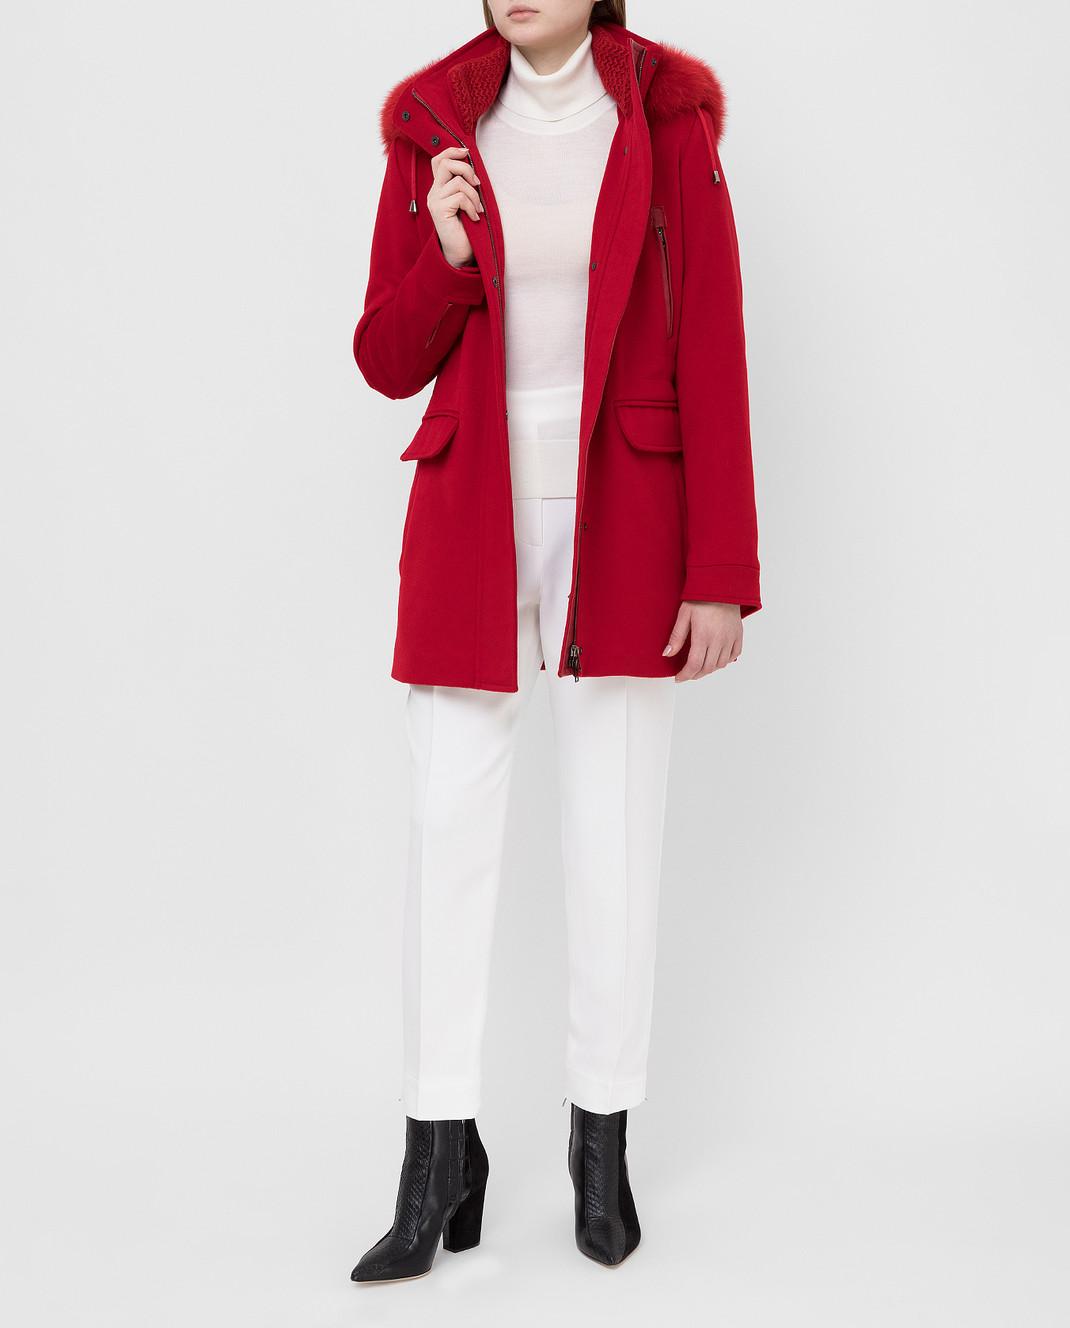 Heresis Красное пальто из шерсти изображение 2